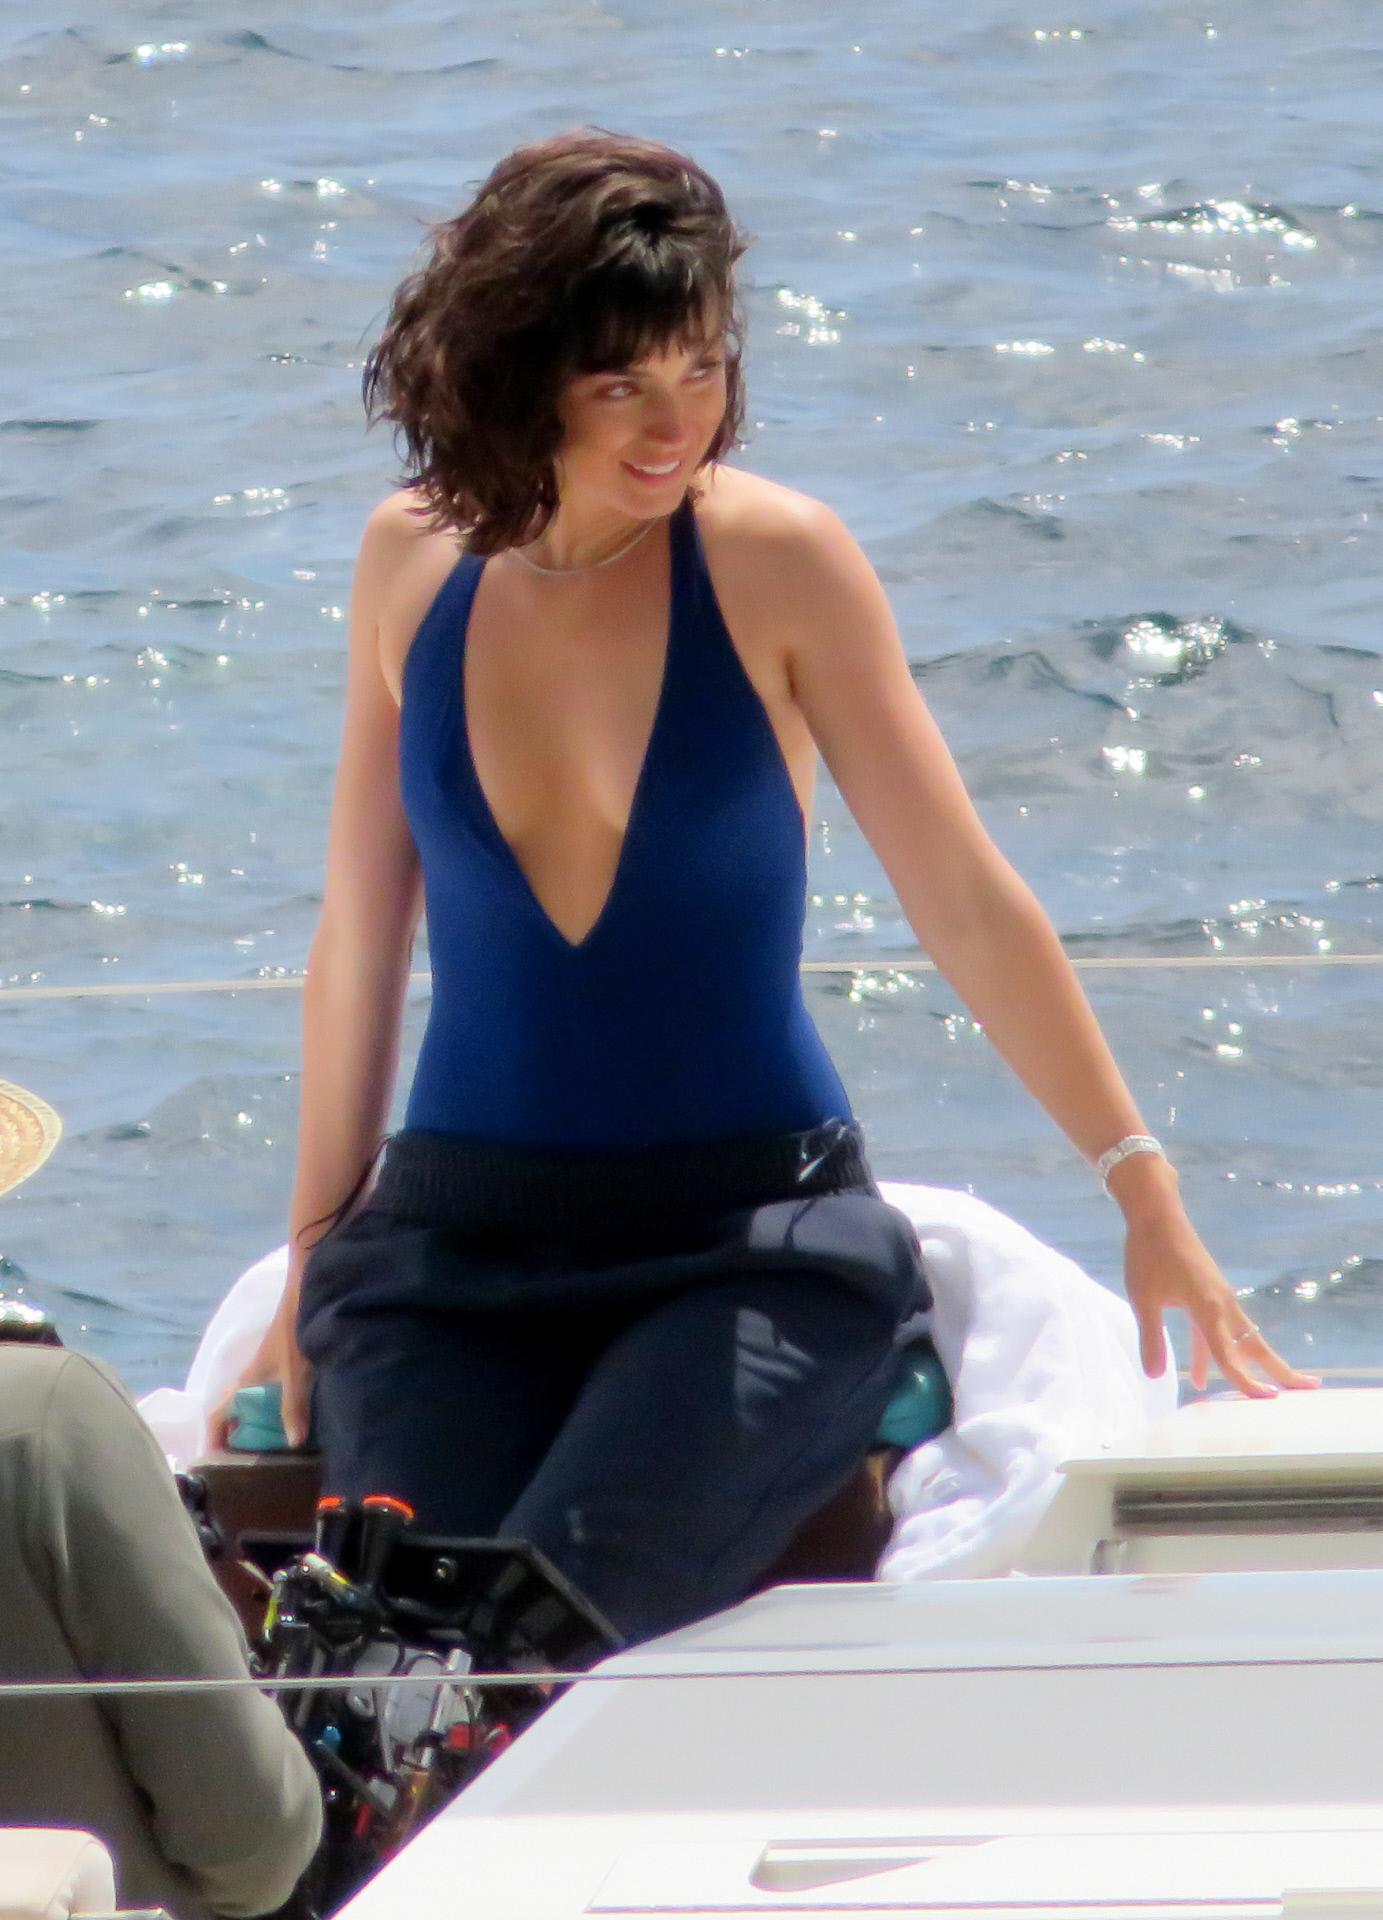 La actriz Ana de Armas fotografiada con un bañador azul.